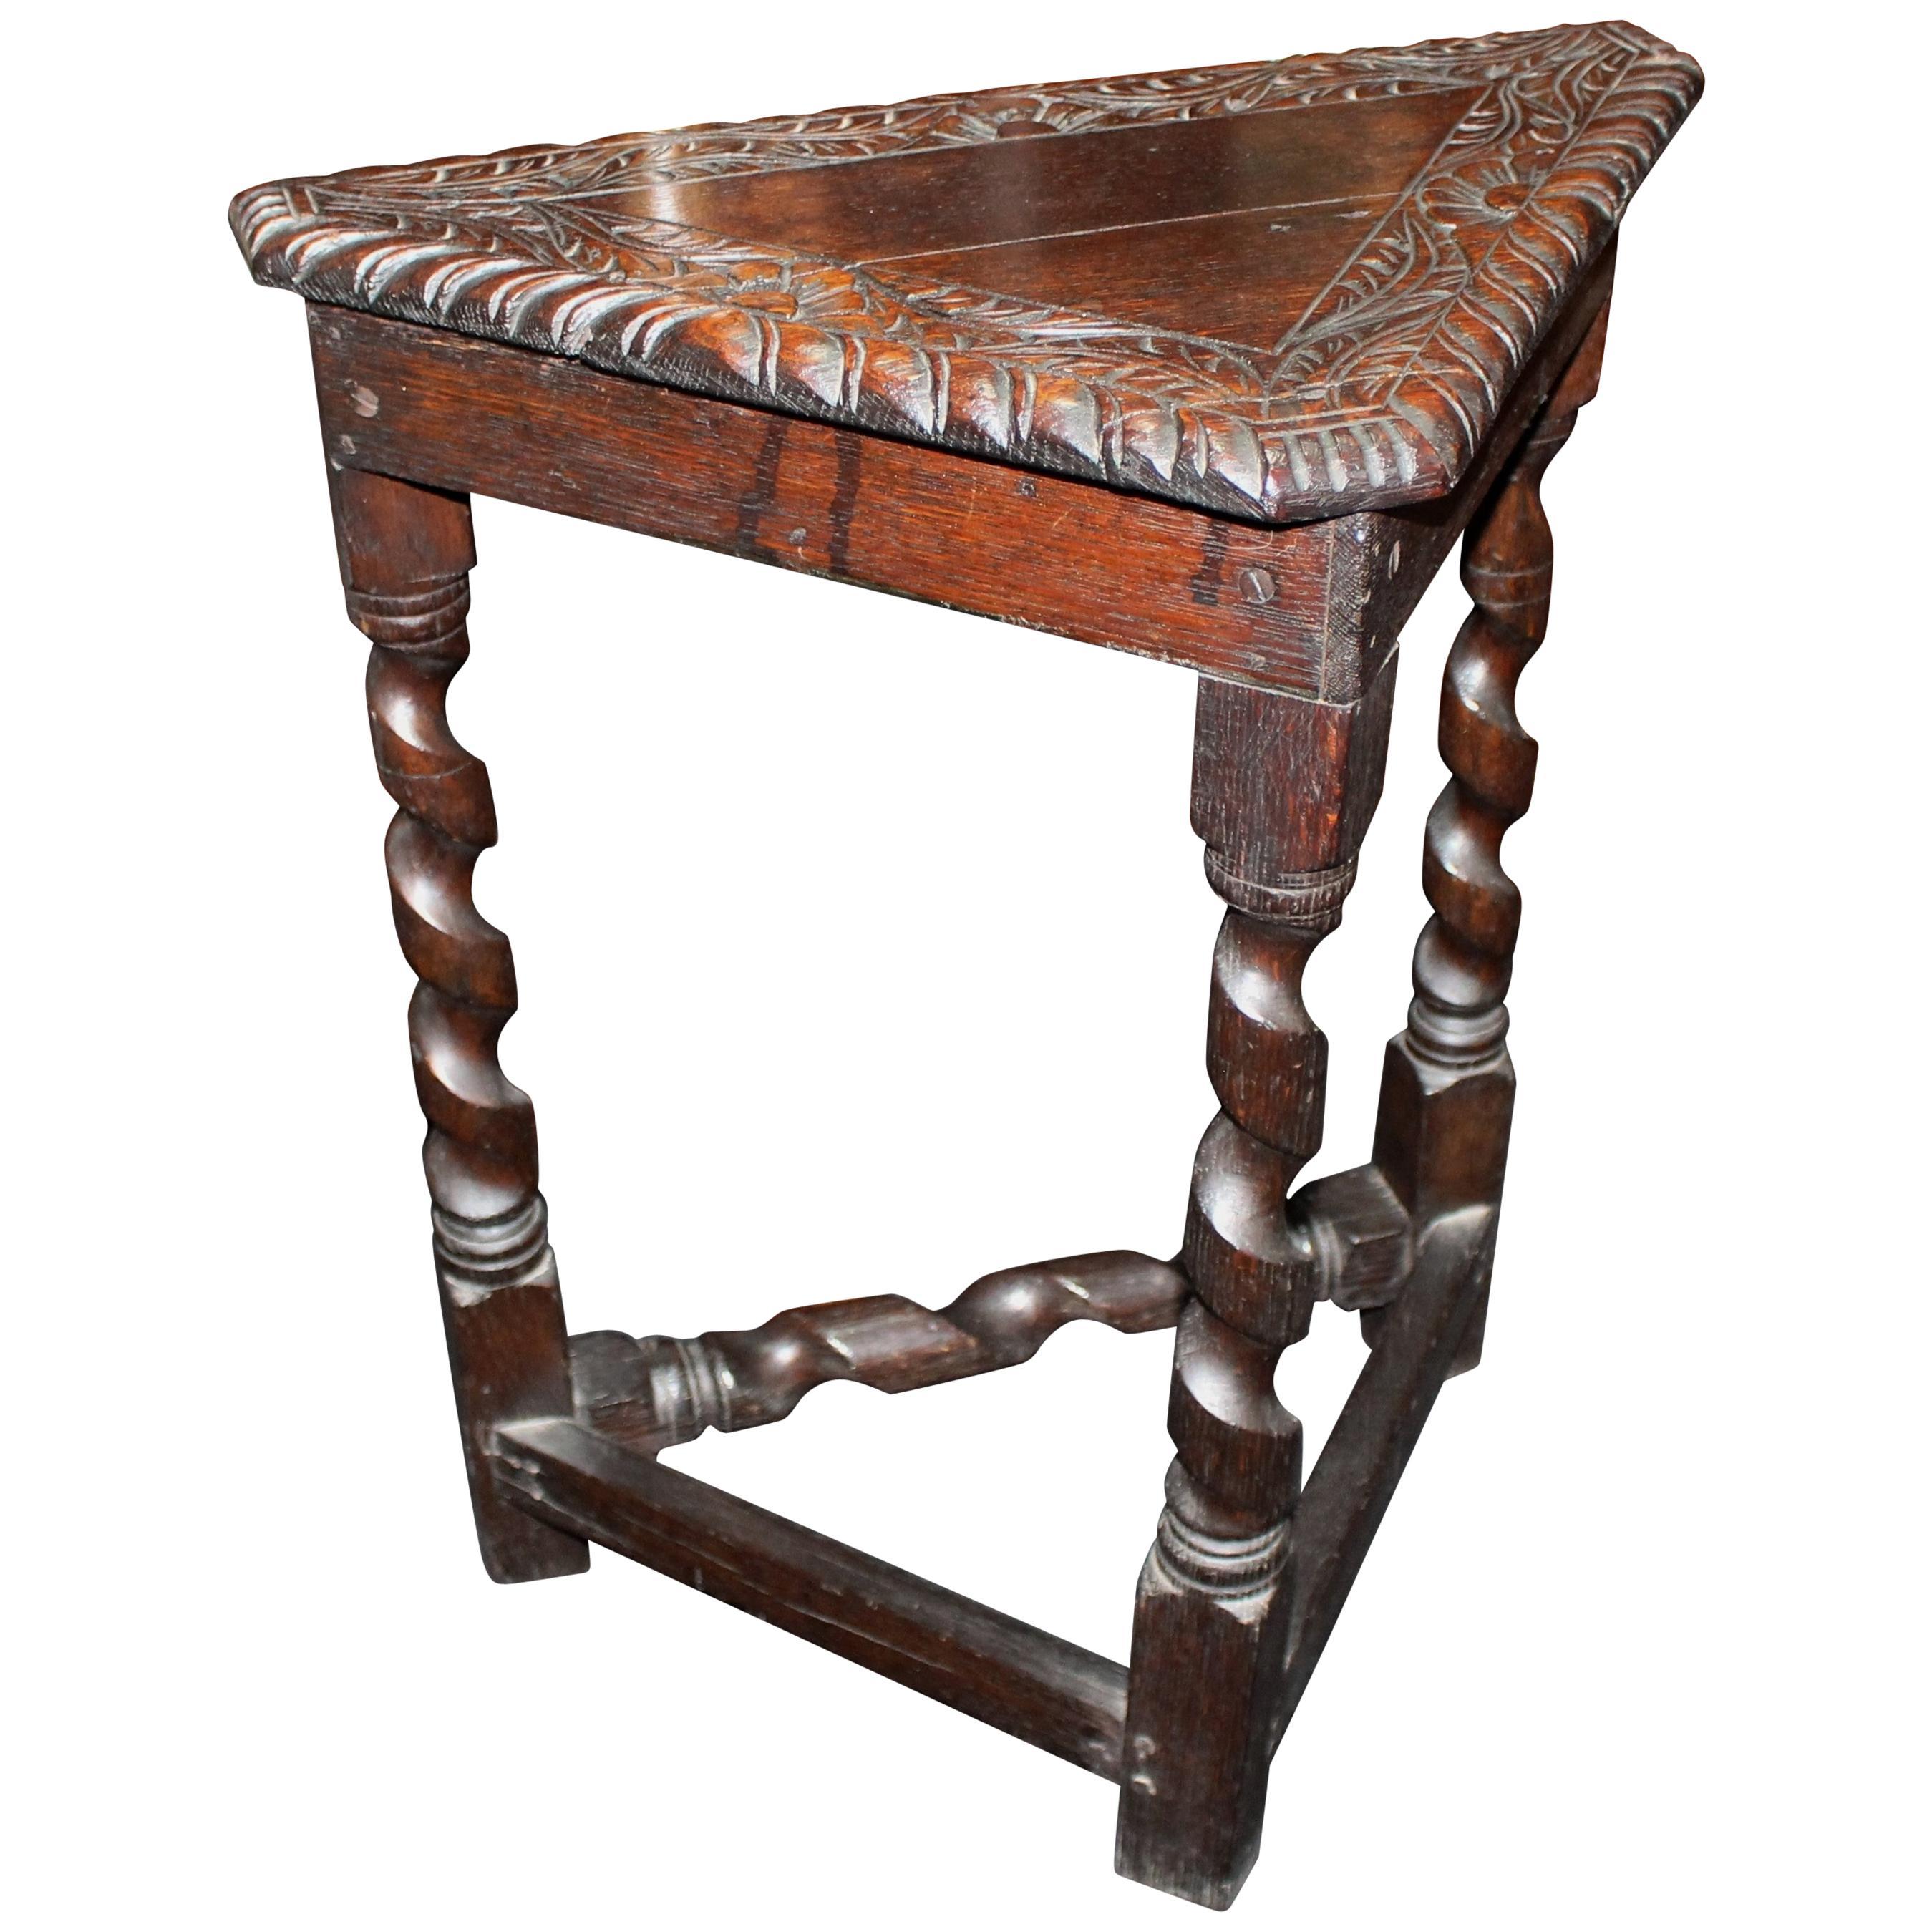 Corner tables furniture Dining Room Small Carved Oak Antique Corner Table For Sale 1stdibs Small Carved Oak Antique Corner Table For Sale At 1stdibs